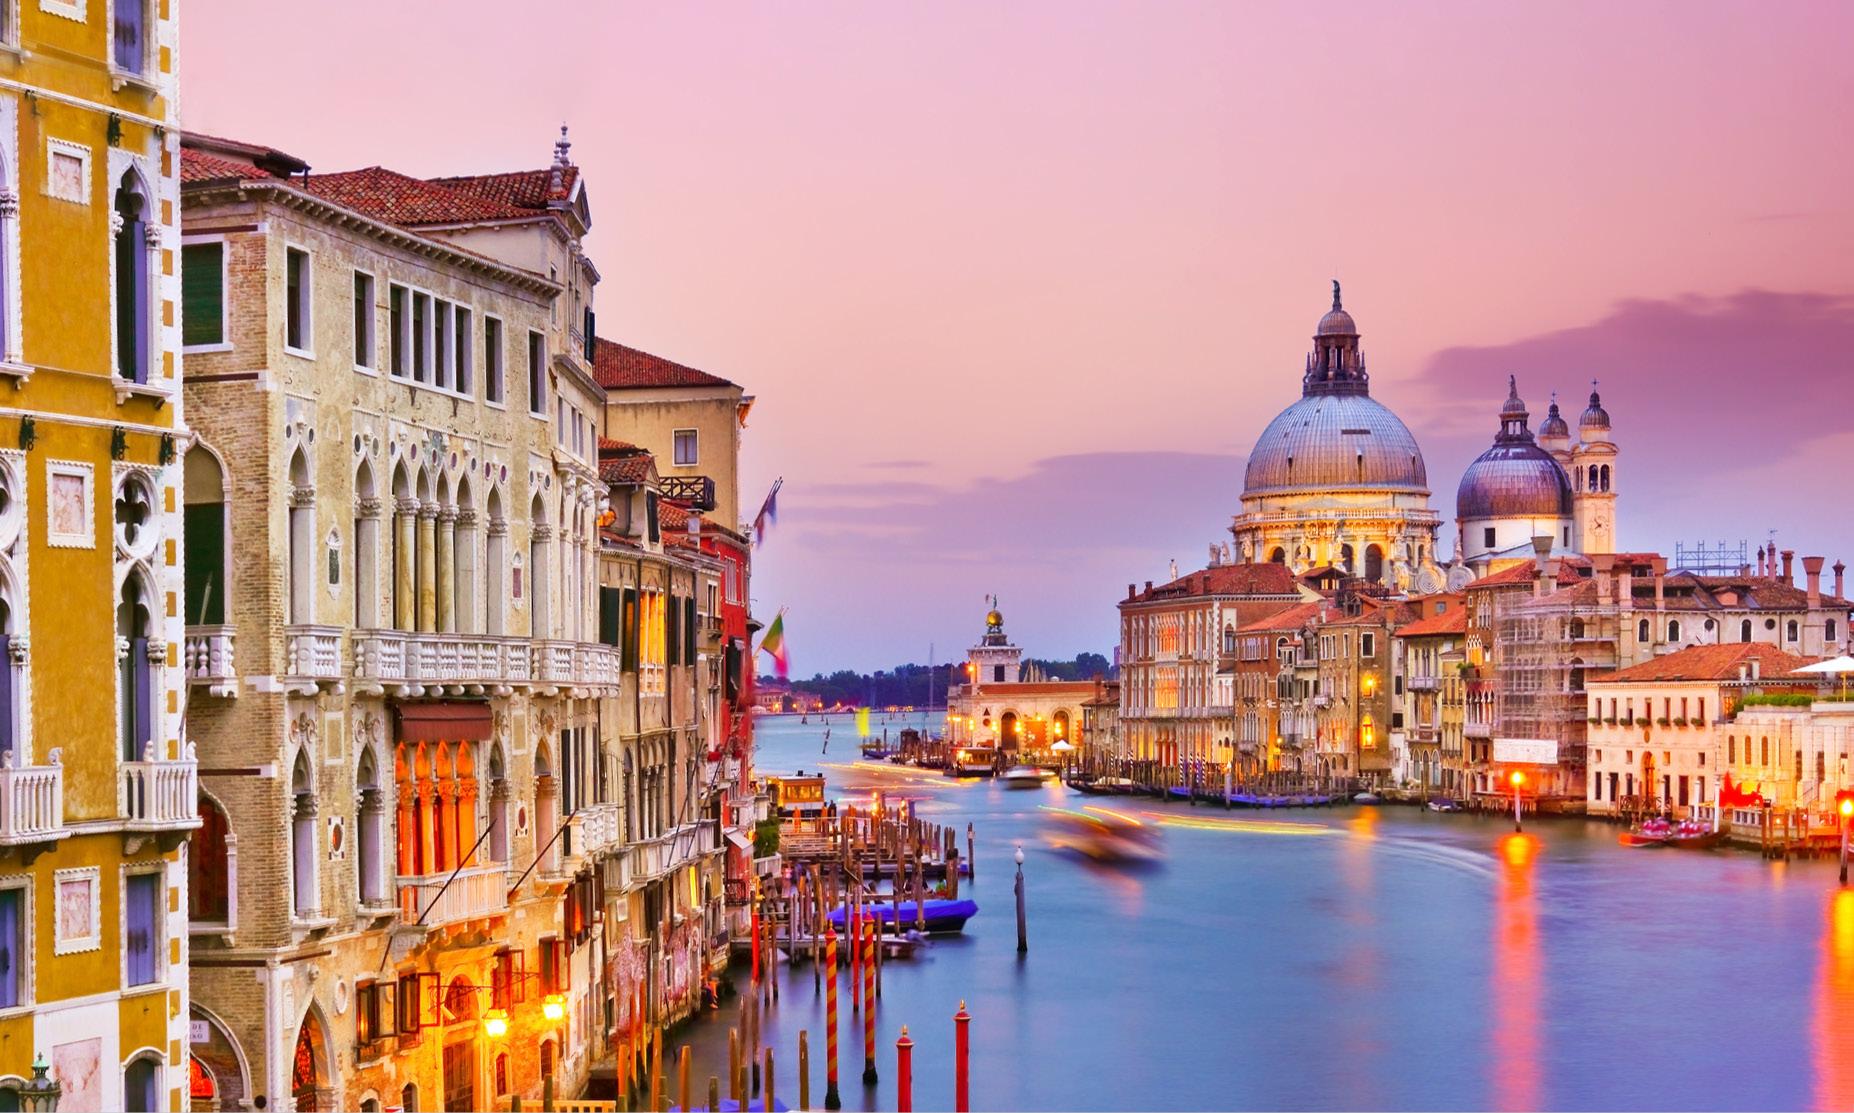 ما هي ثالث دولة سياحيه باوروبا